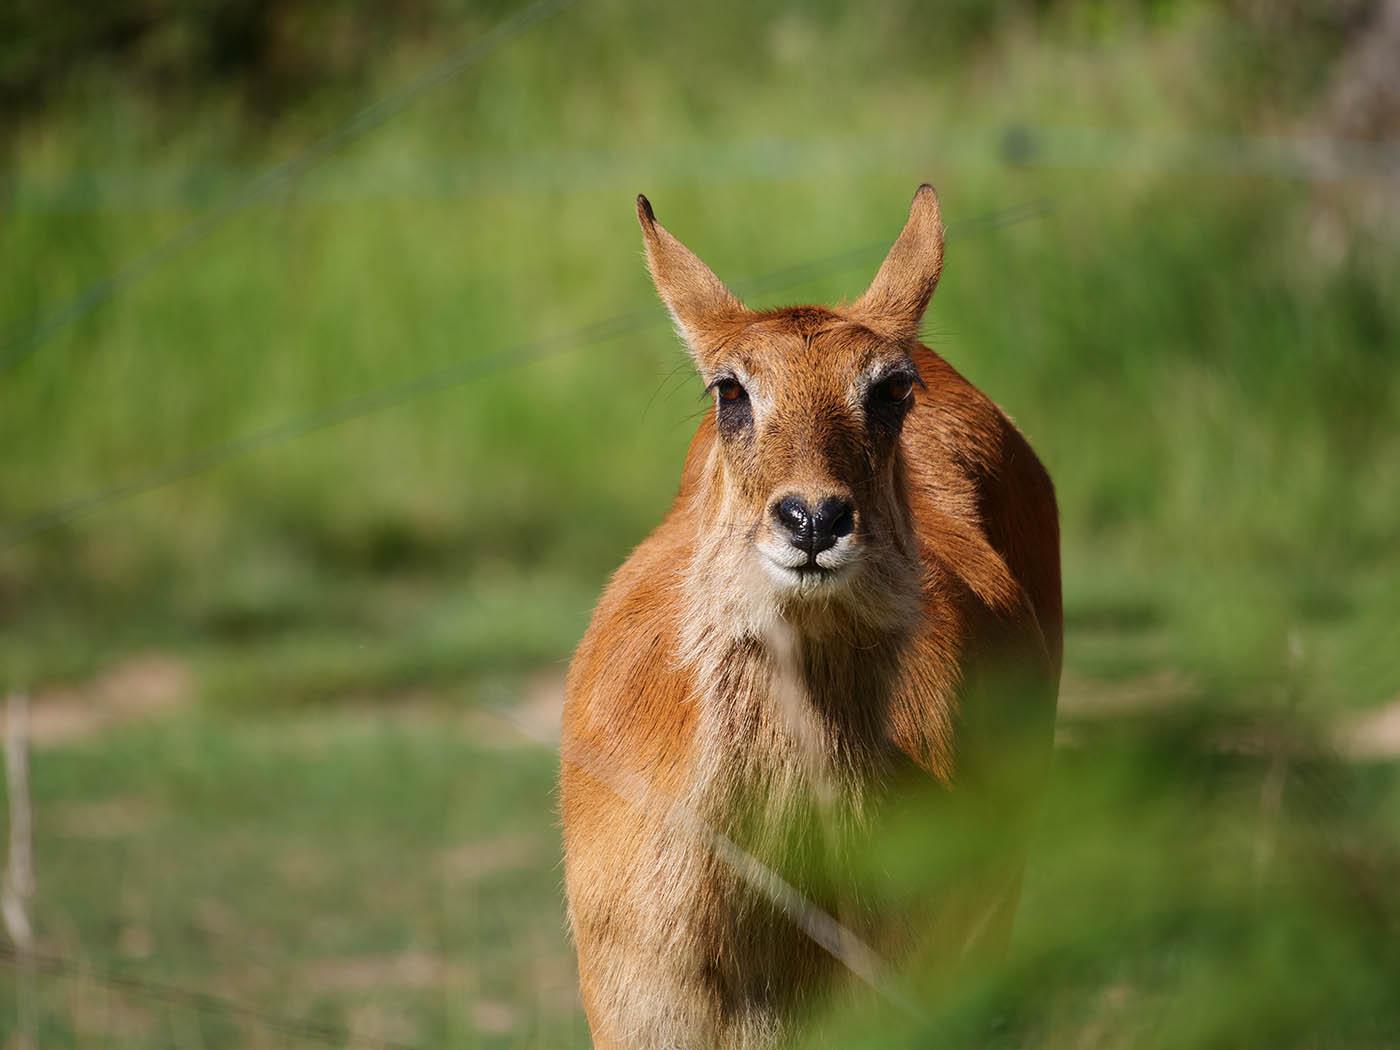 Photogra^hie d'animaux sauvages prise au zoo de Lyon avec le Panasonic Leica 100-400 mm